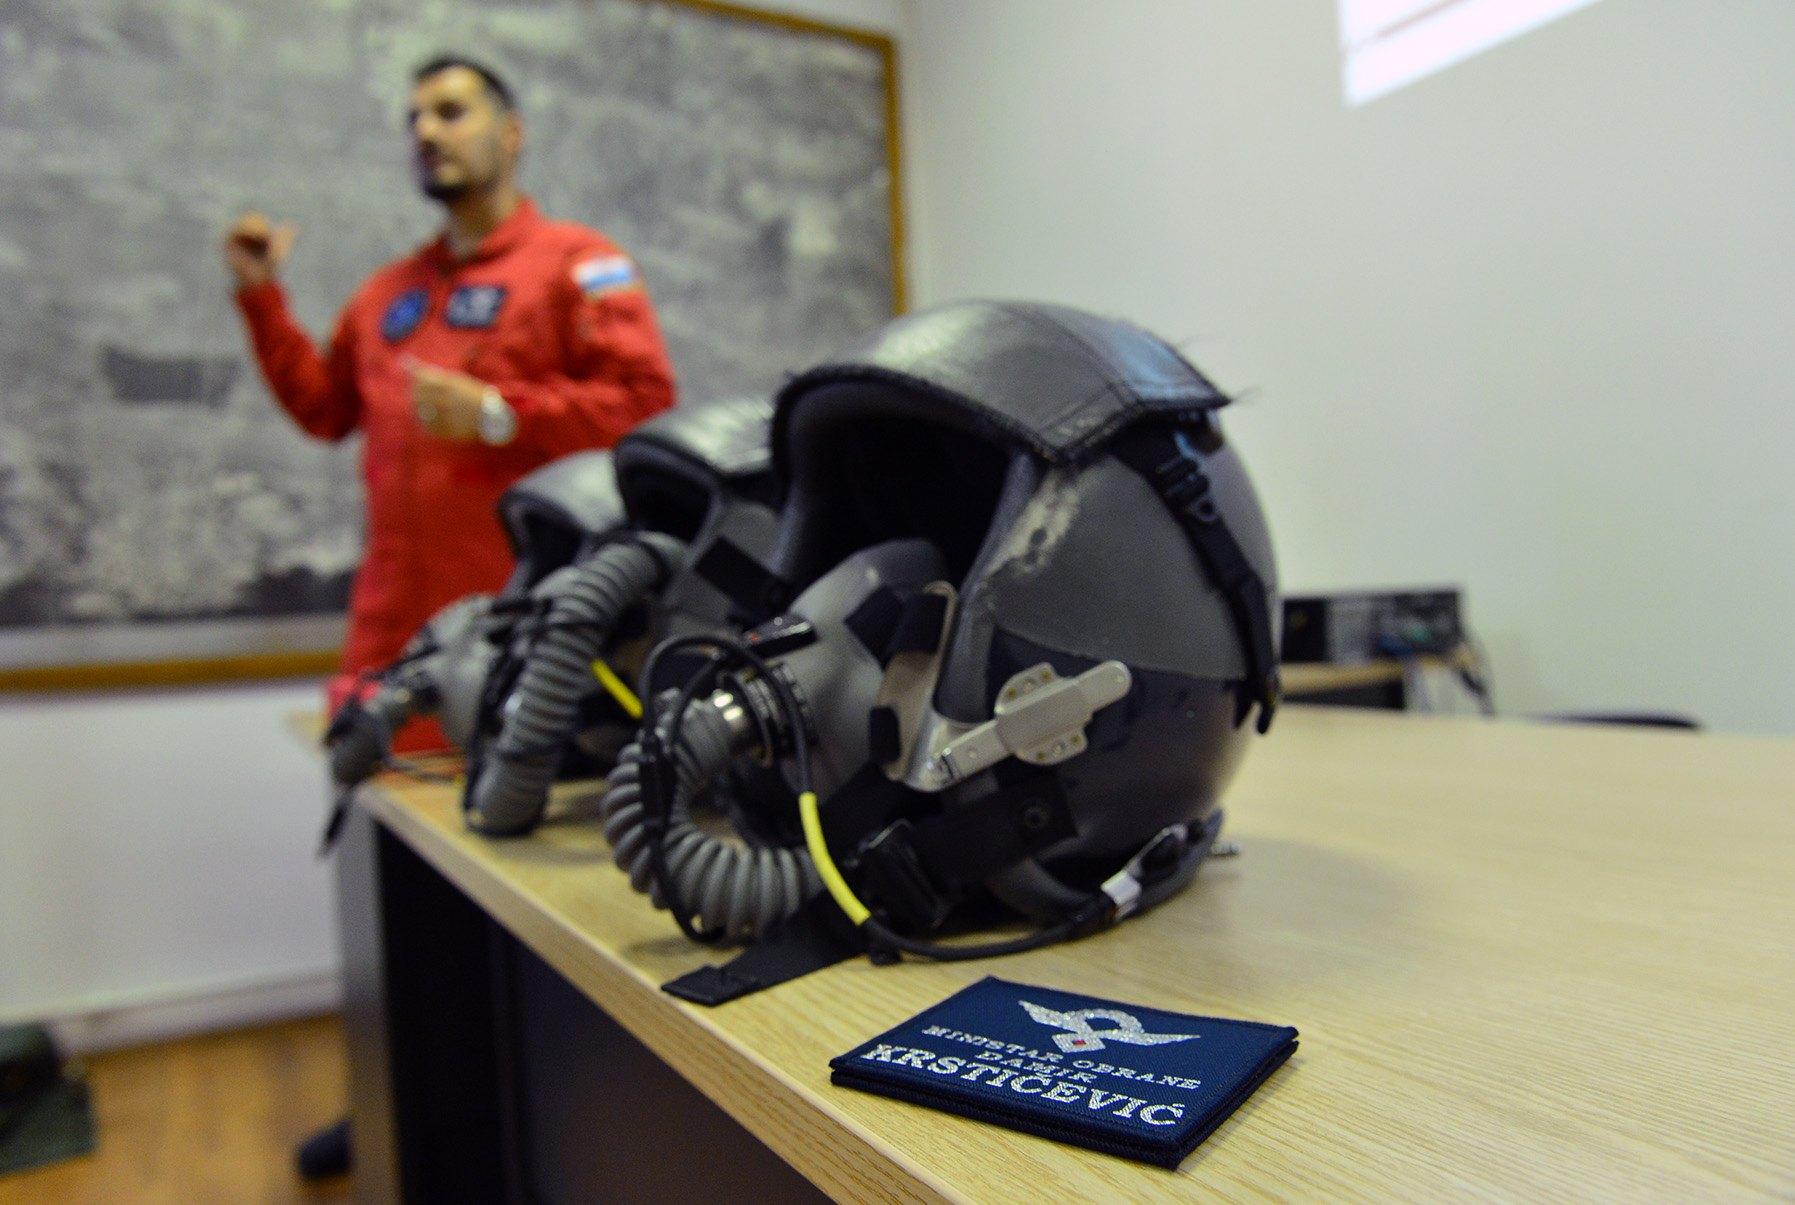 Ministar Krstićević letio s Krilima Oluje